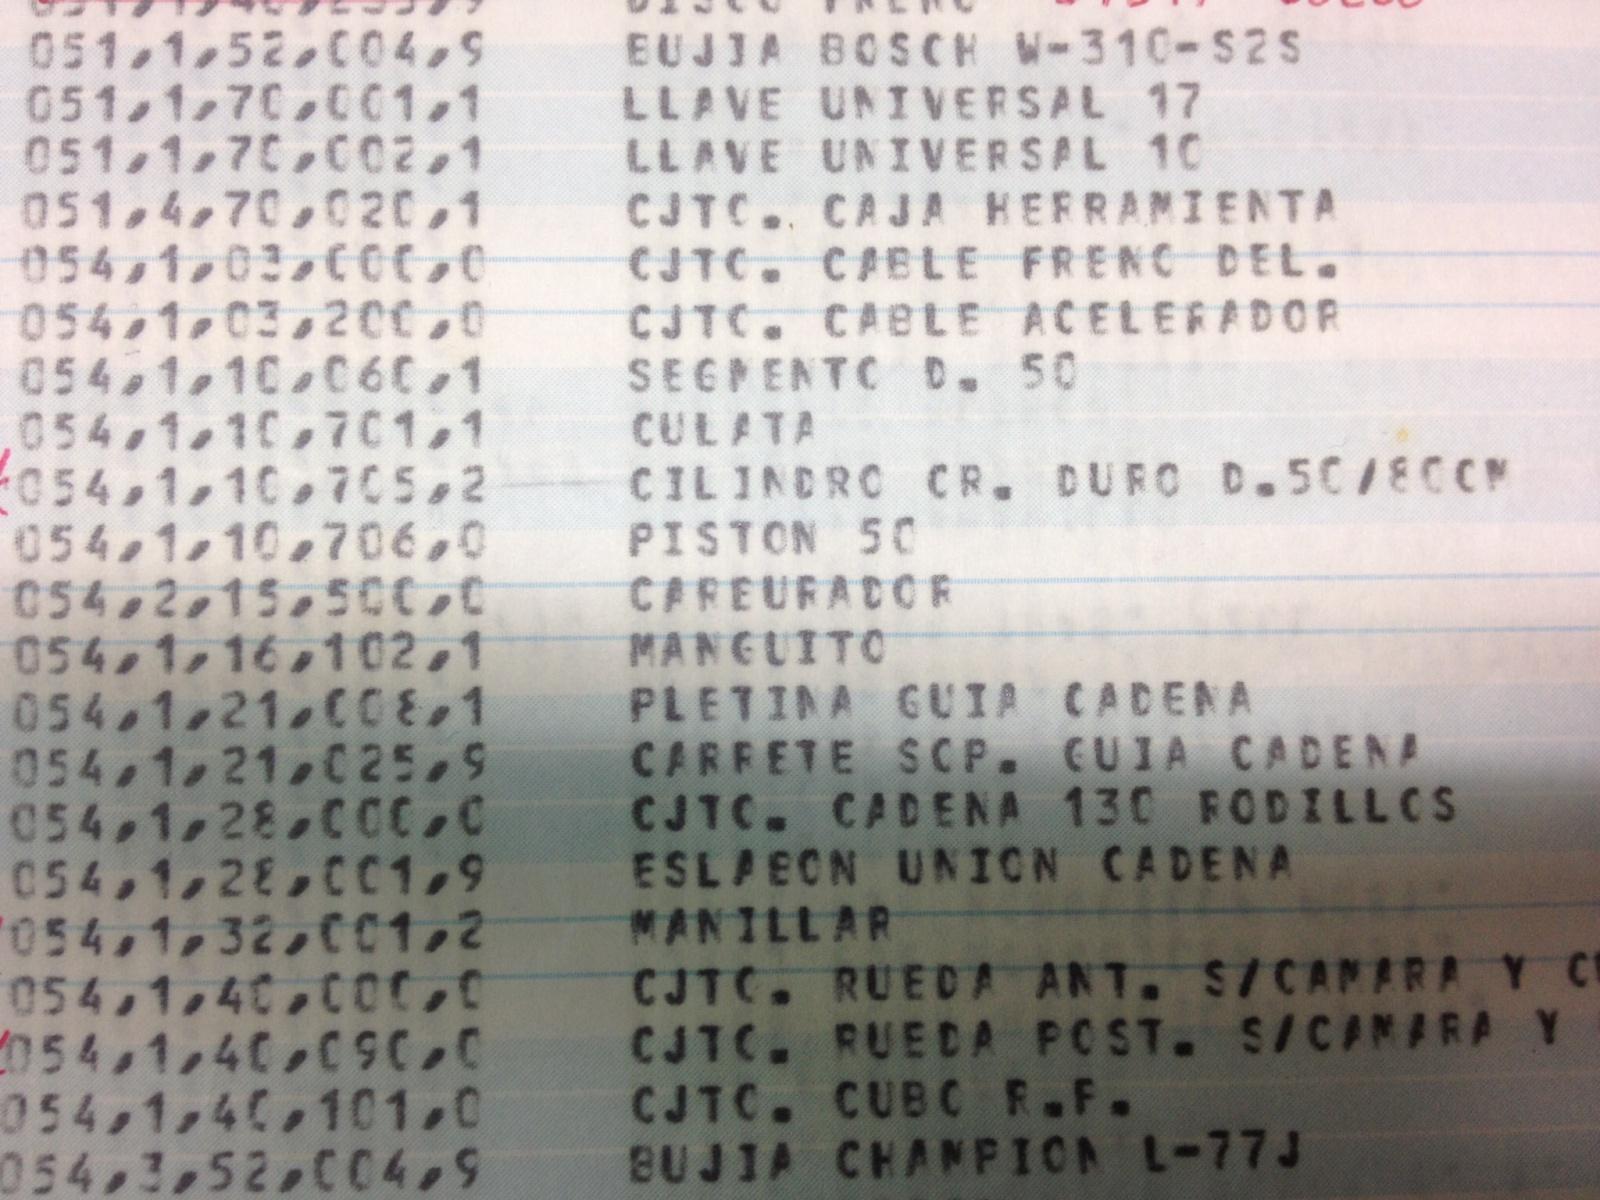 Puch Cobra - Distribución De Cilindros - Página 5 35854l2